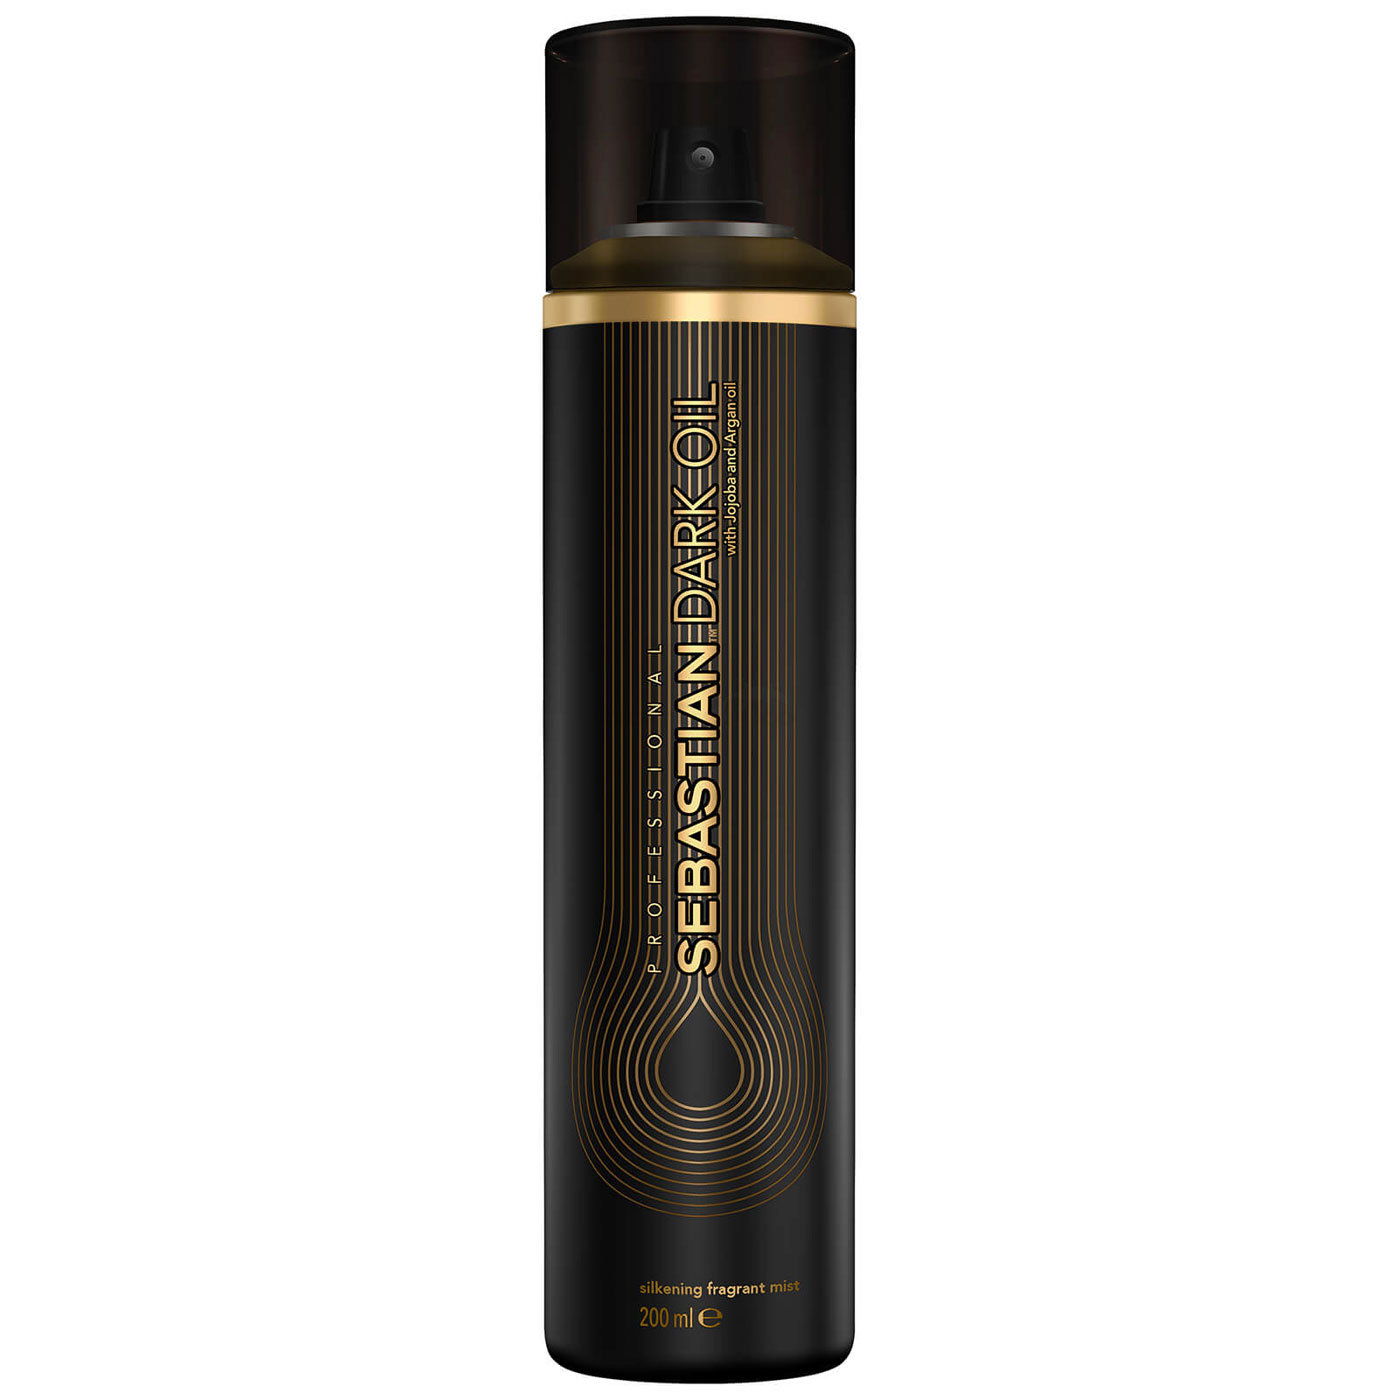 Sebastian Dark Oil Silkening Fragrant Mist Duftspray 200ml